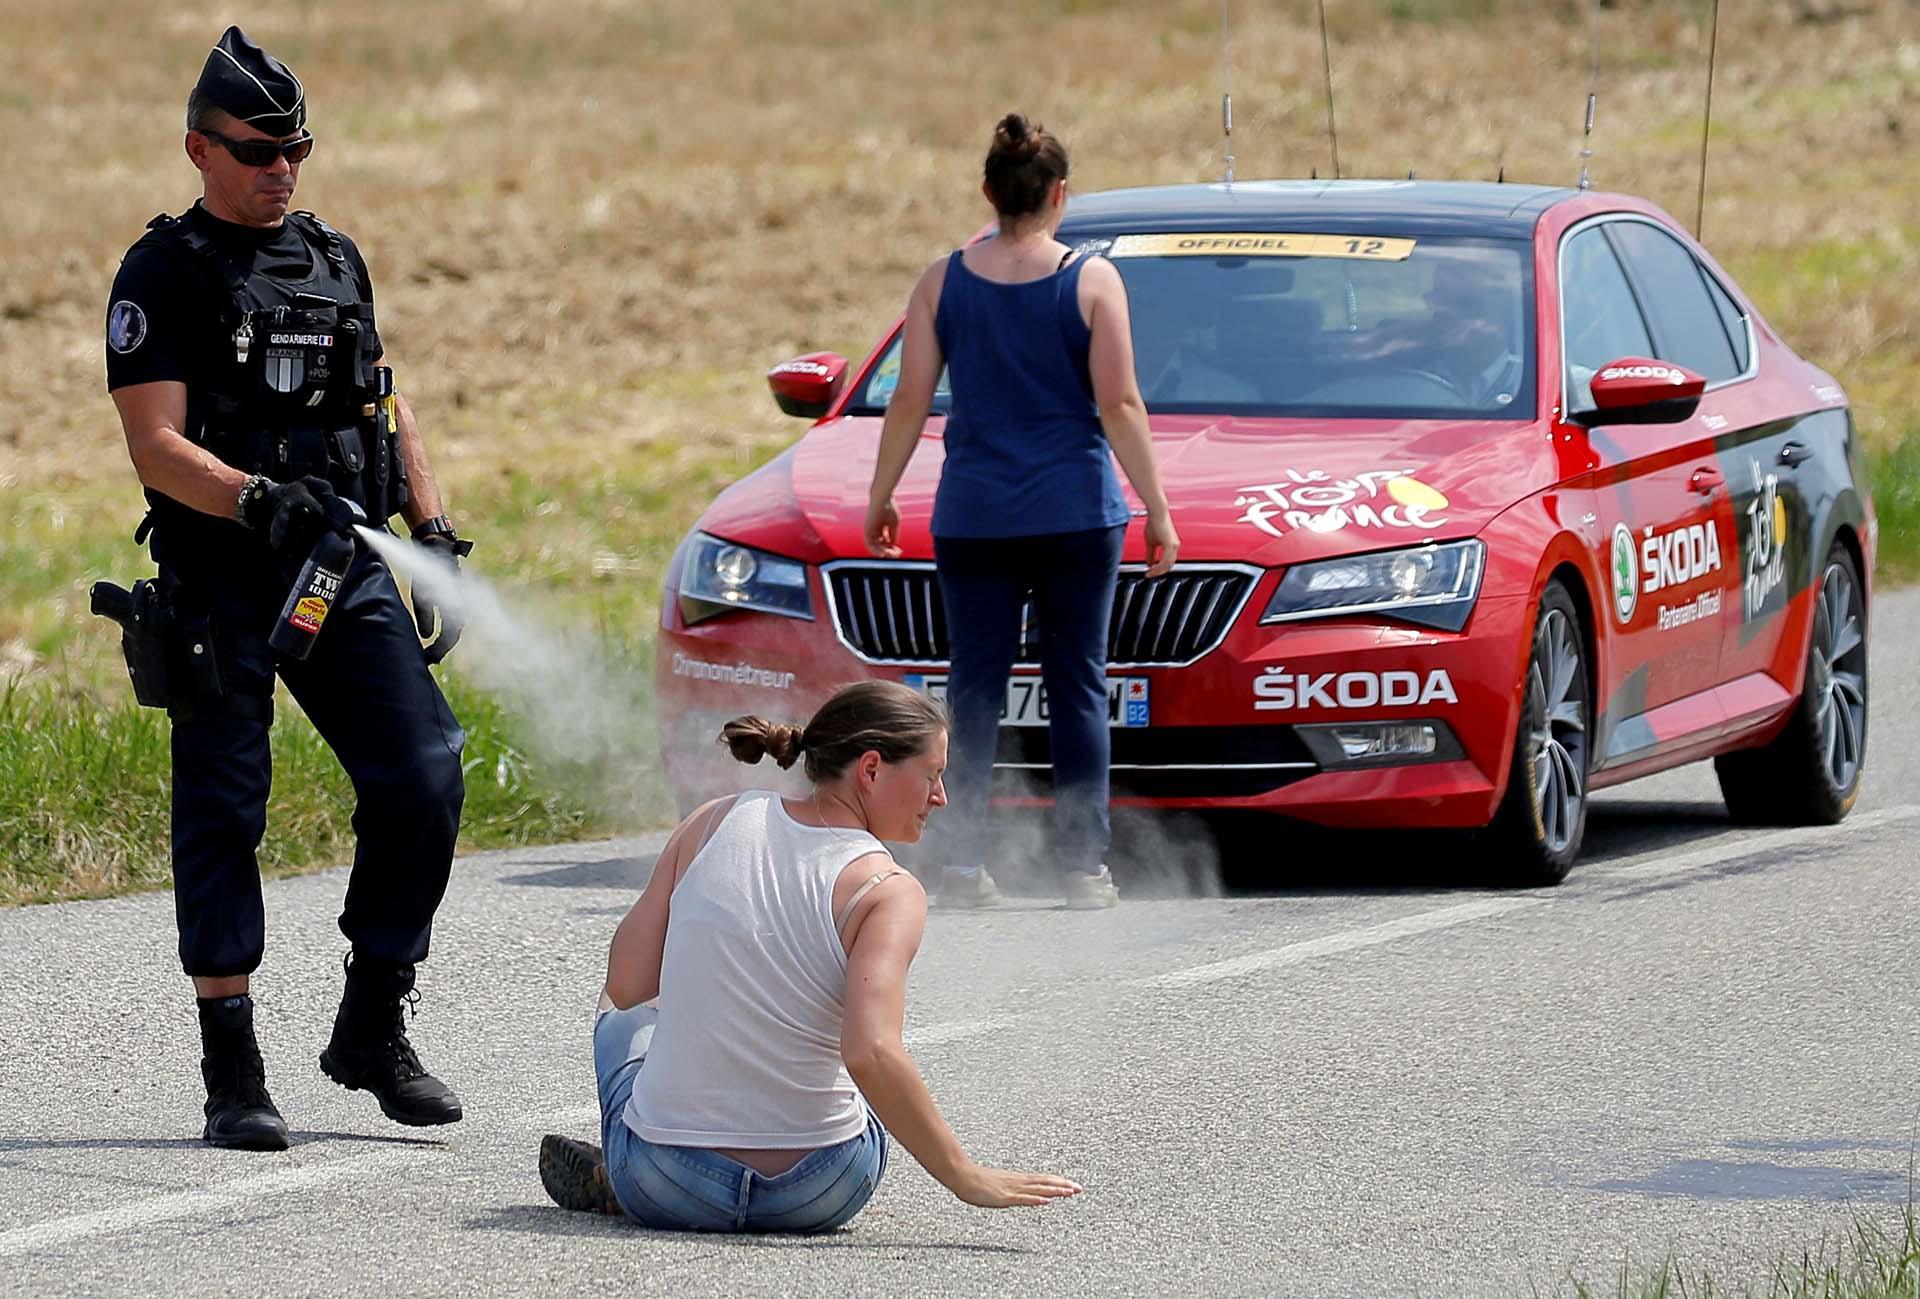 Un policía lanza gas pimienta a una manifestante mientras otra se para frente al automóvil de la transmisión del Tour de France durante una protesta el 24 de julio